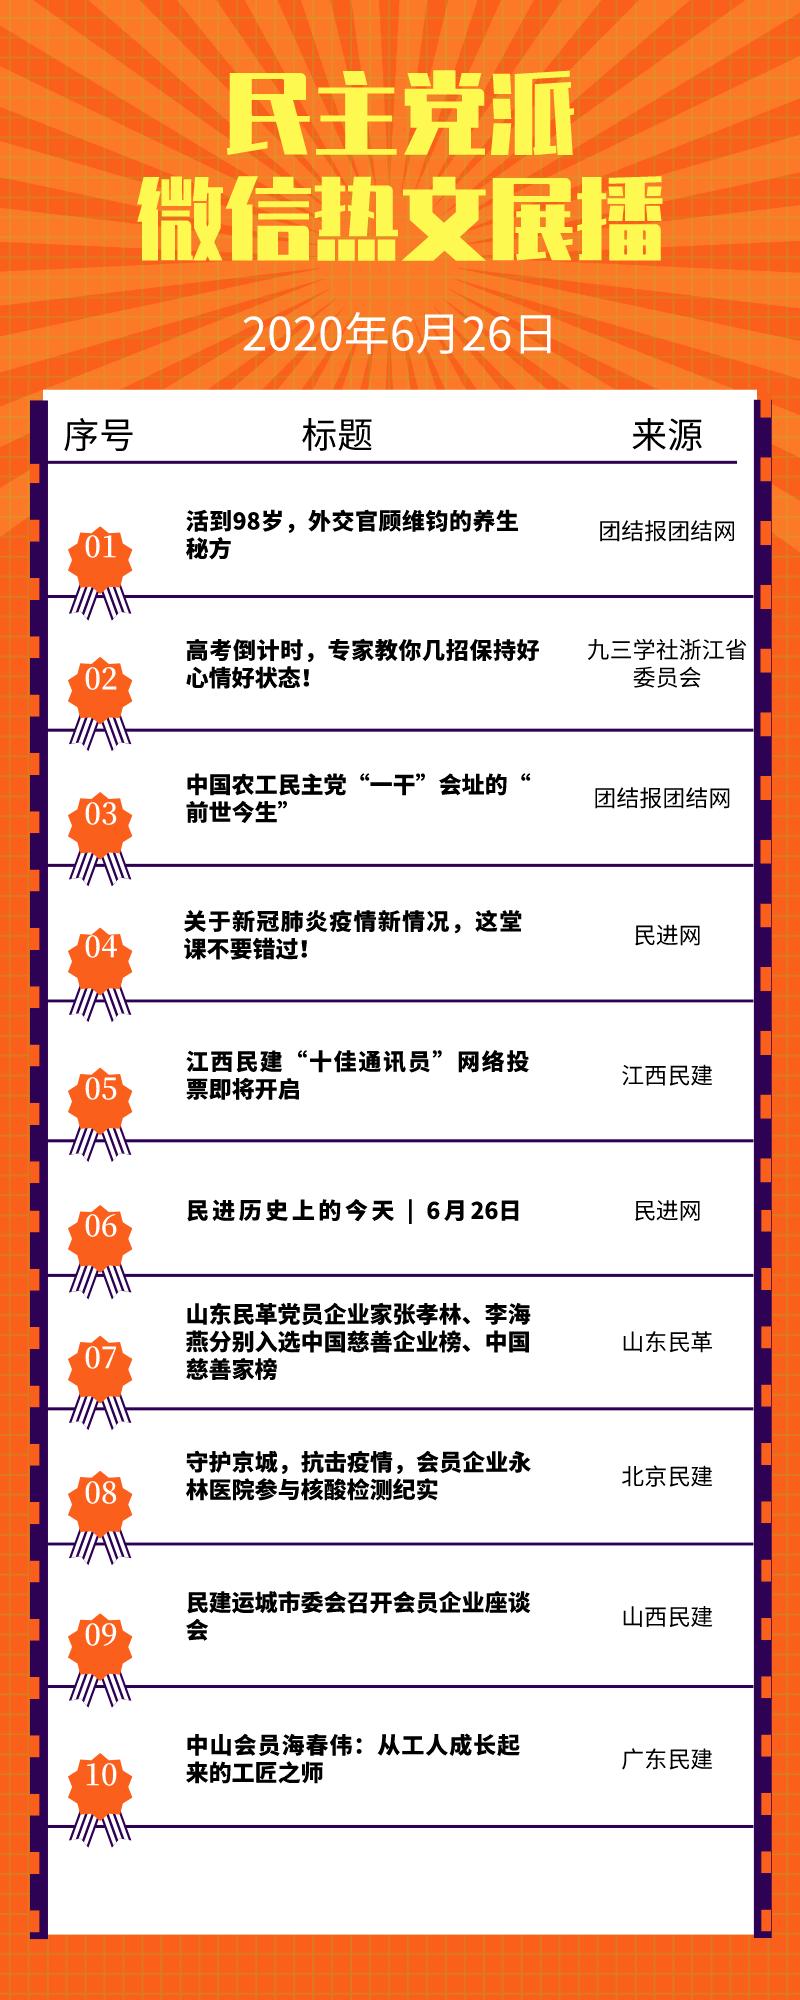 【大数据】民主党派微信热文展播(6月26日)